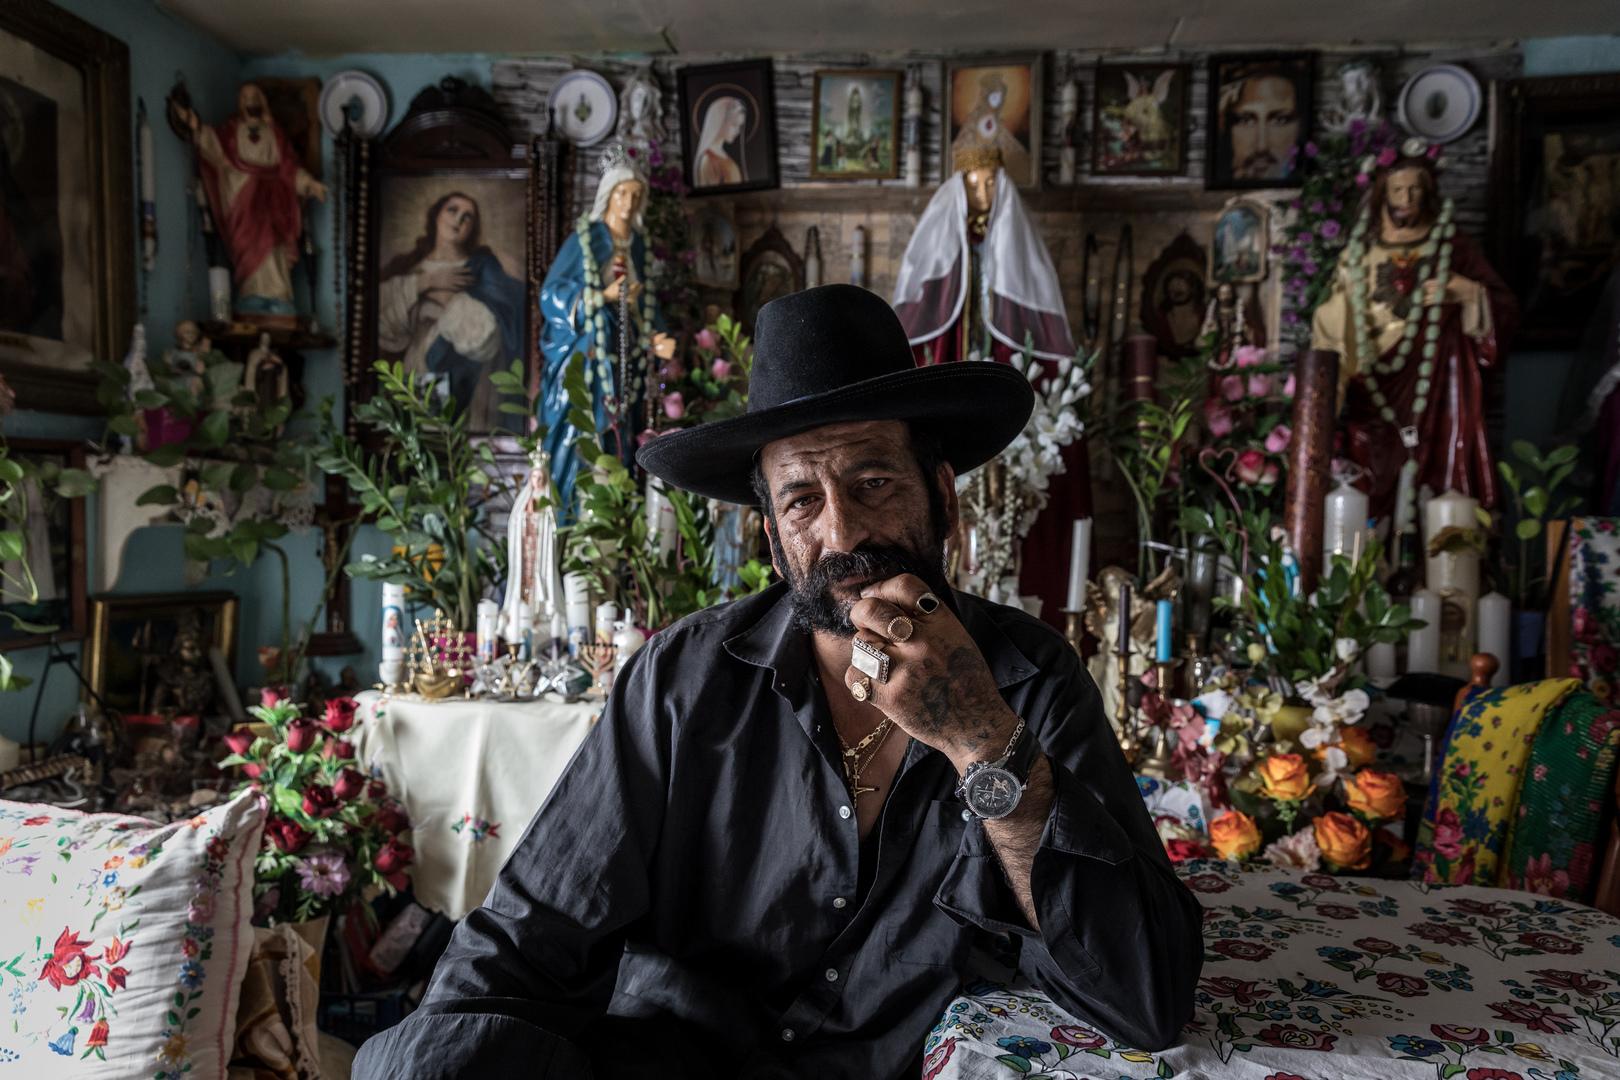 Emberábrázolás – portré (sorozat)<br />1. díj: Kállai Márton (Szabad Föld): Gyásztörés<br /><br />Fotó: Sztojka 'Kalapos' Zoltán ősi cigány hagyomány szerint, gyásztörés során búcsúzik halott féltestvérétől Soltvadkerten. Rituális borotválkozás során megválik a gyász alatt növesztett szakállától és a temetőben az addig viselt fekete ruházatát színesre öltözékére cseréli.